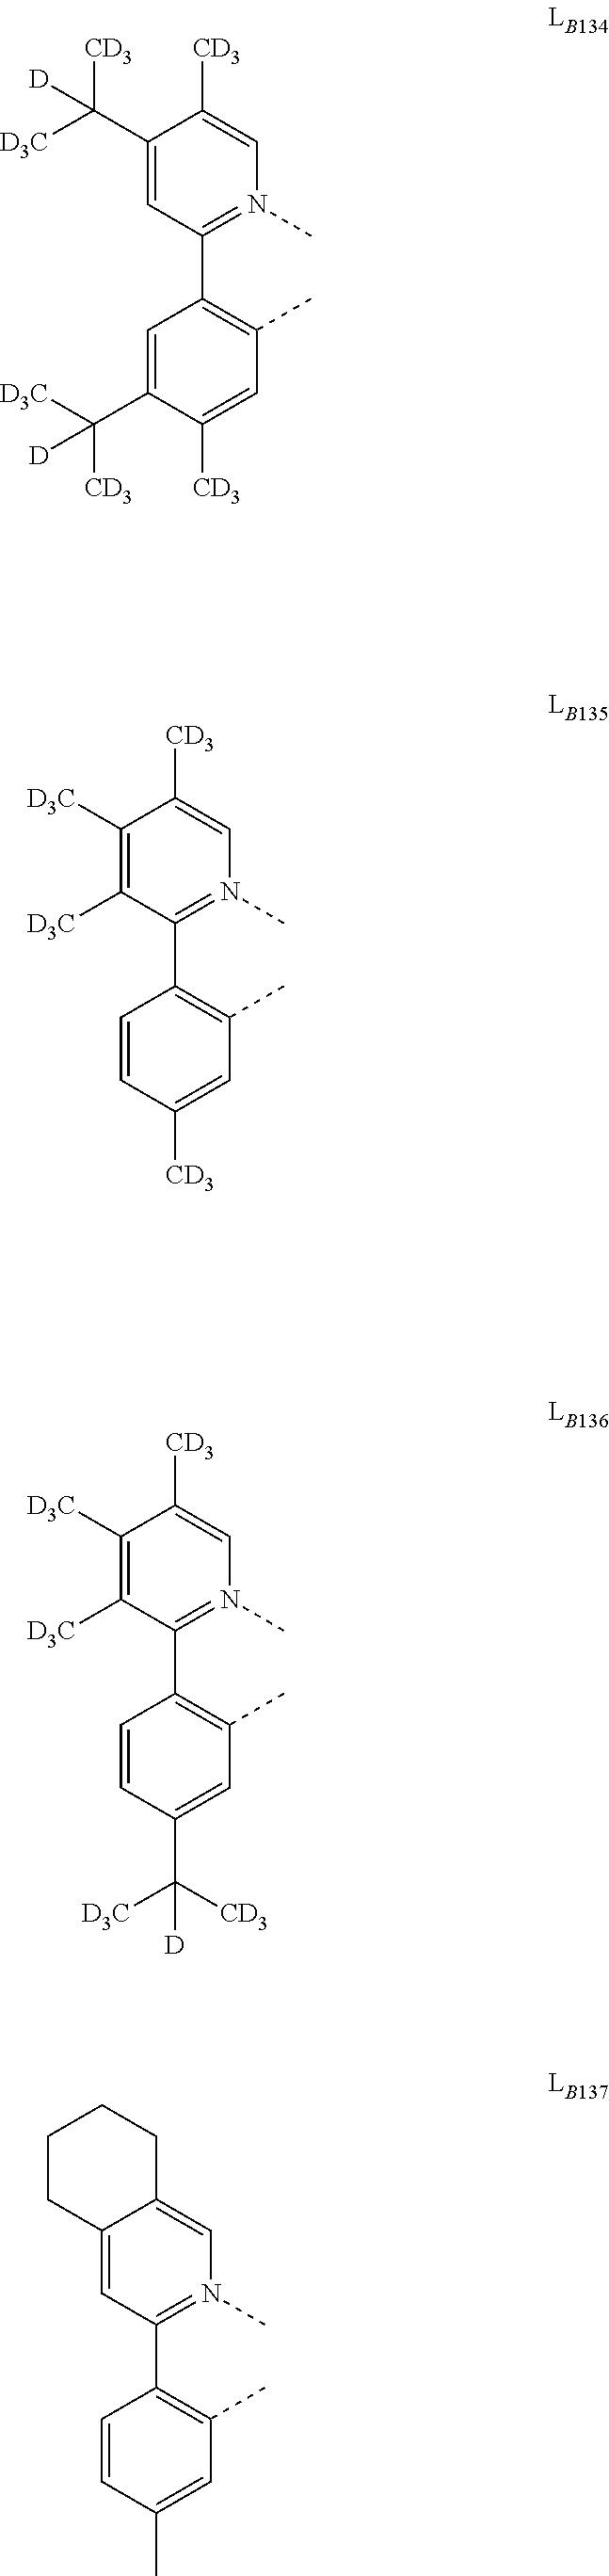 Figure US09929360-20180327-C00065